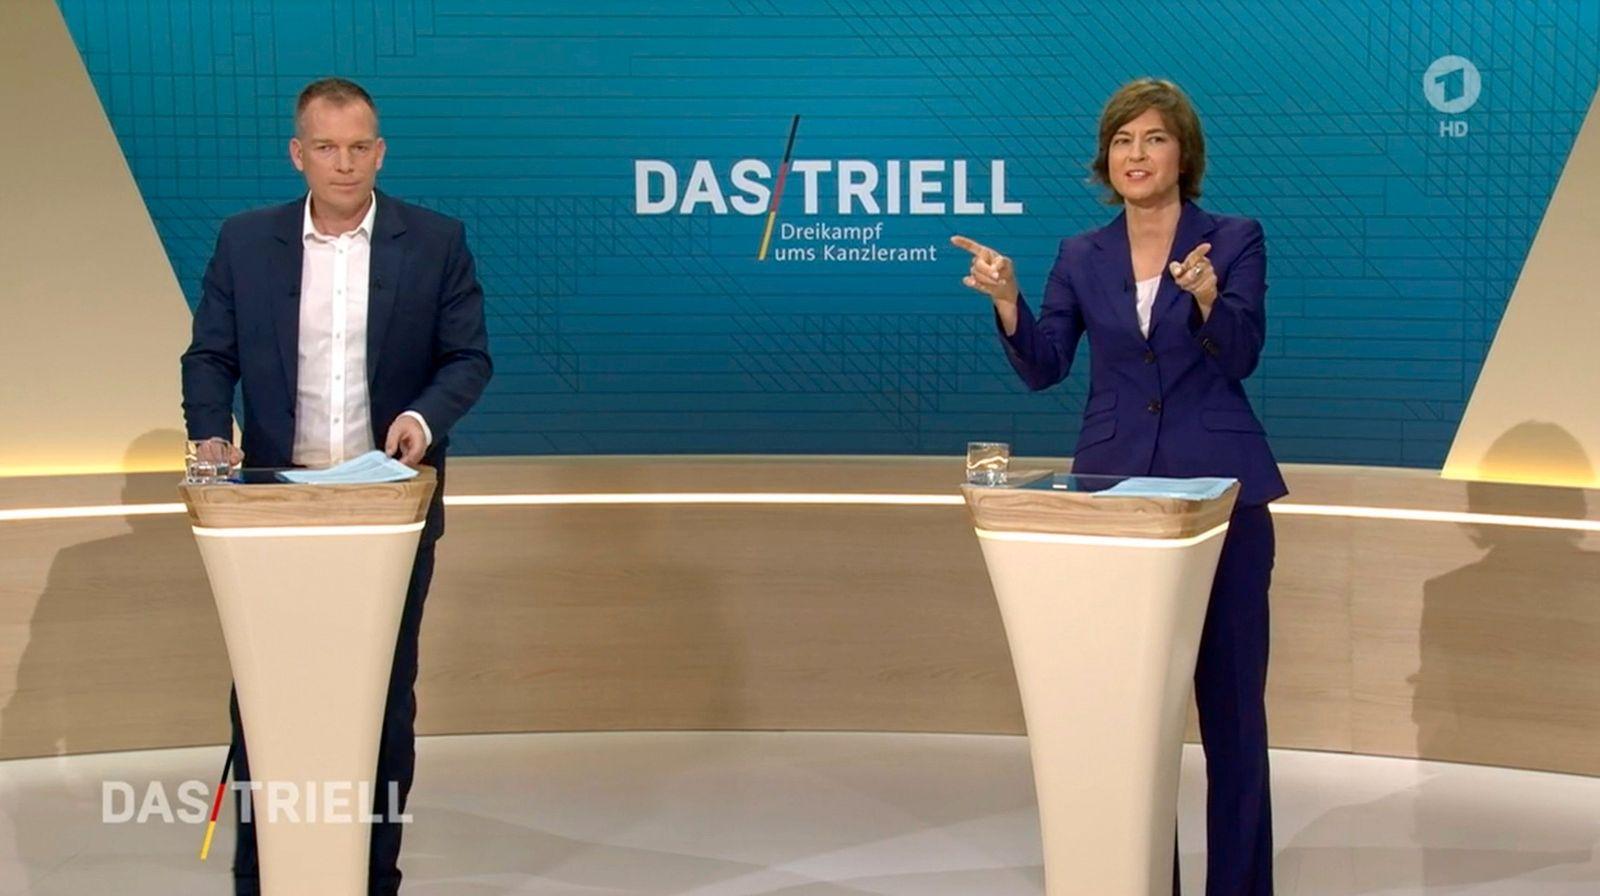 DAS TRIELL